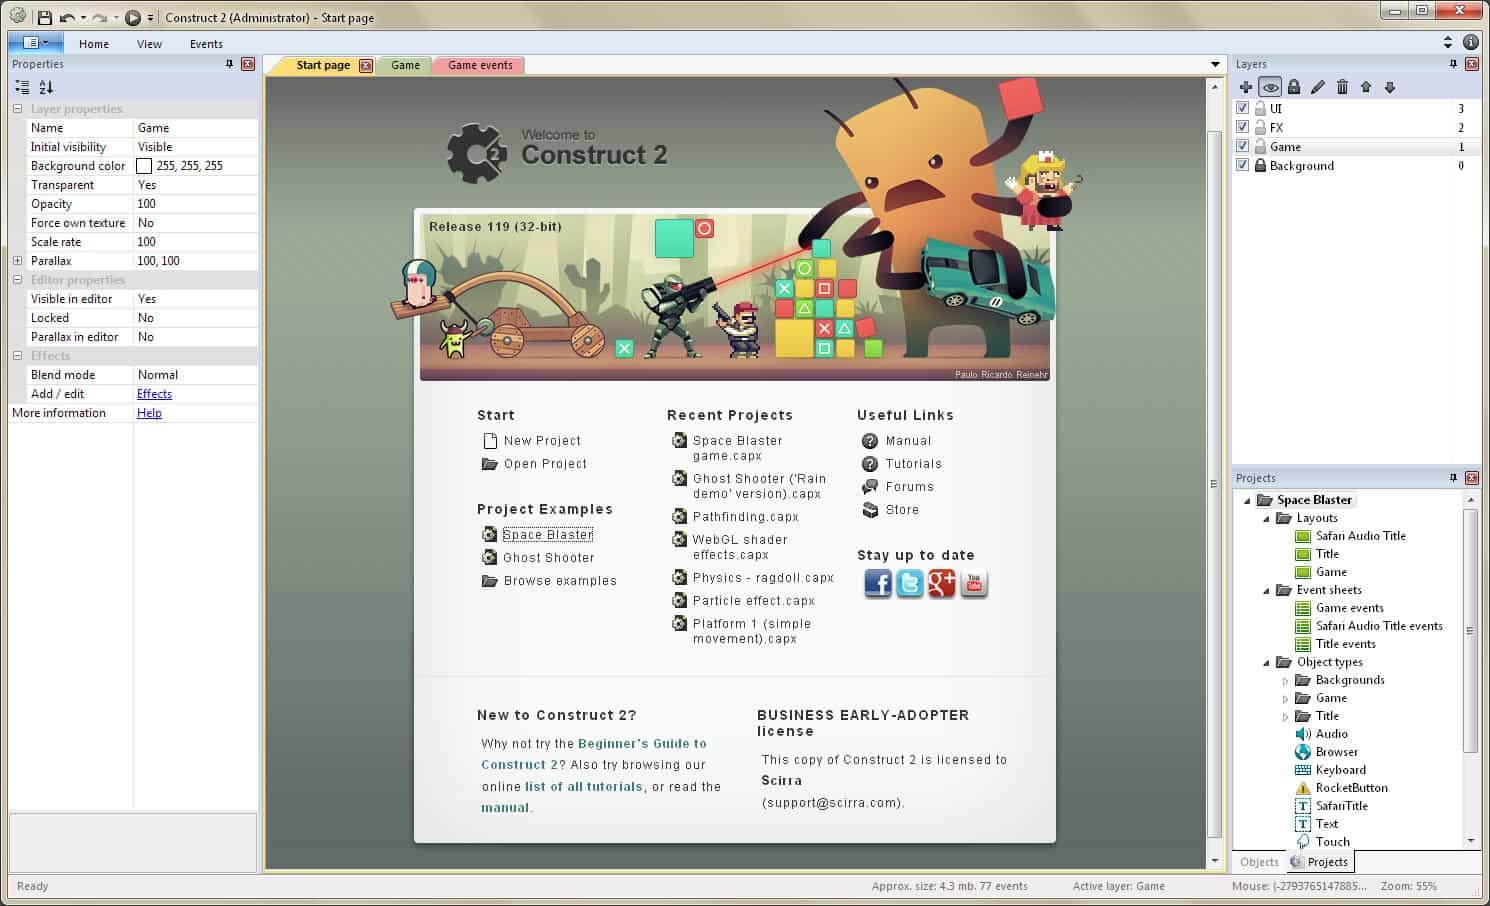 aplicativos-para-criar-jogos-construct